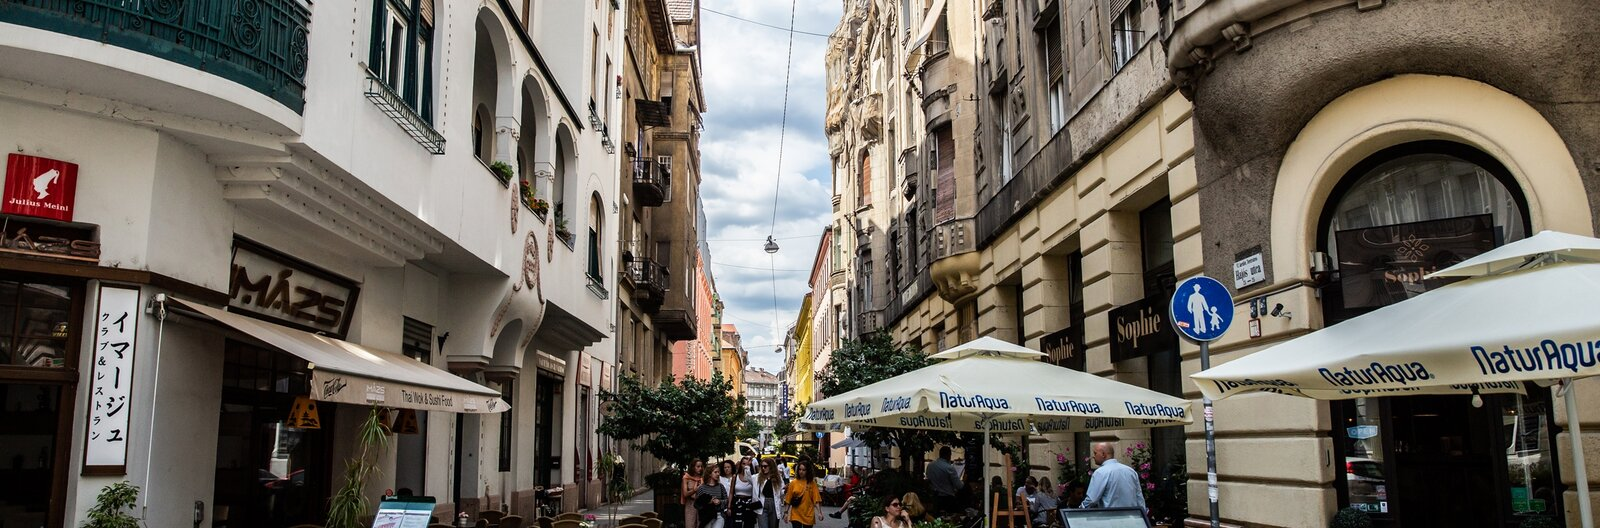 Budapesti sétálóutcák és terek, ahol mediterrán hangulat vár